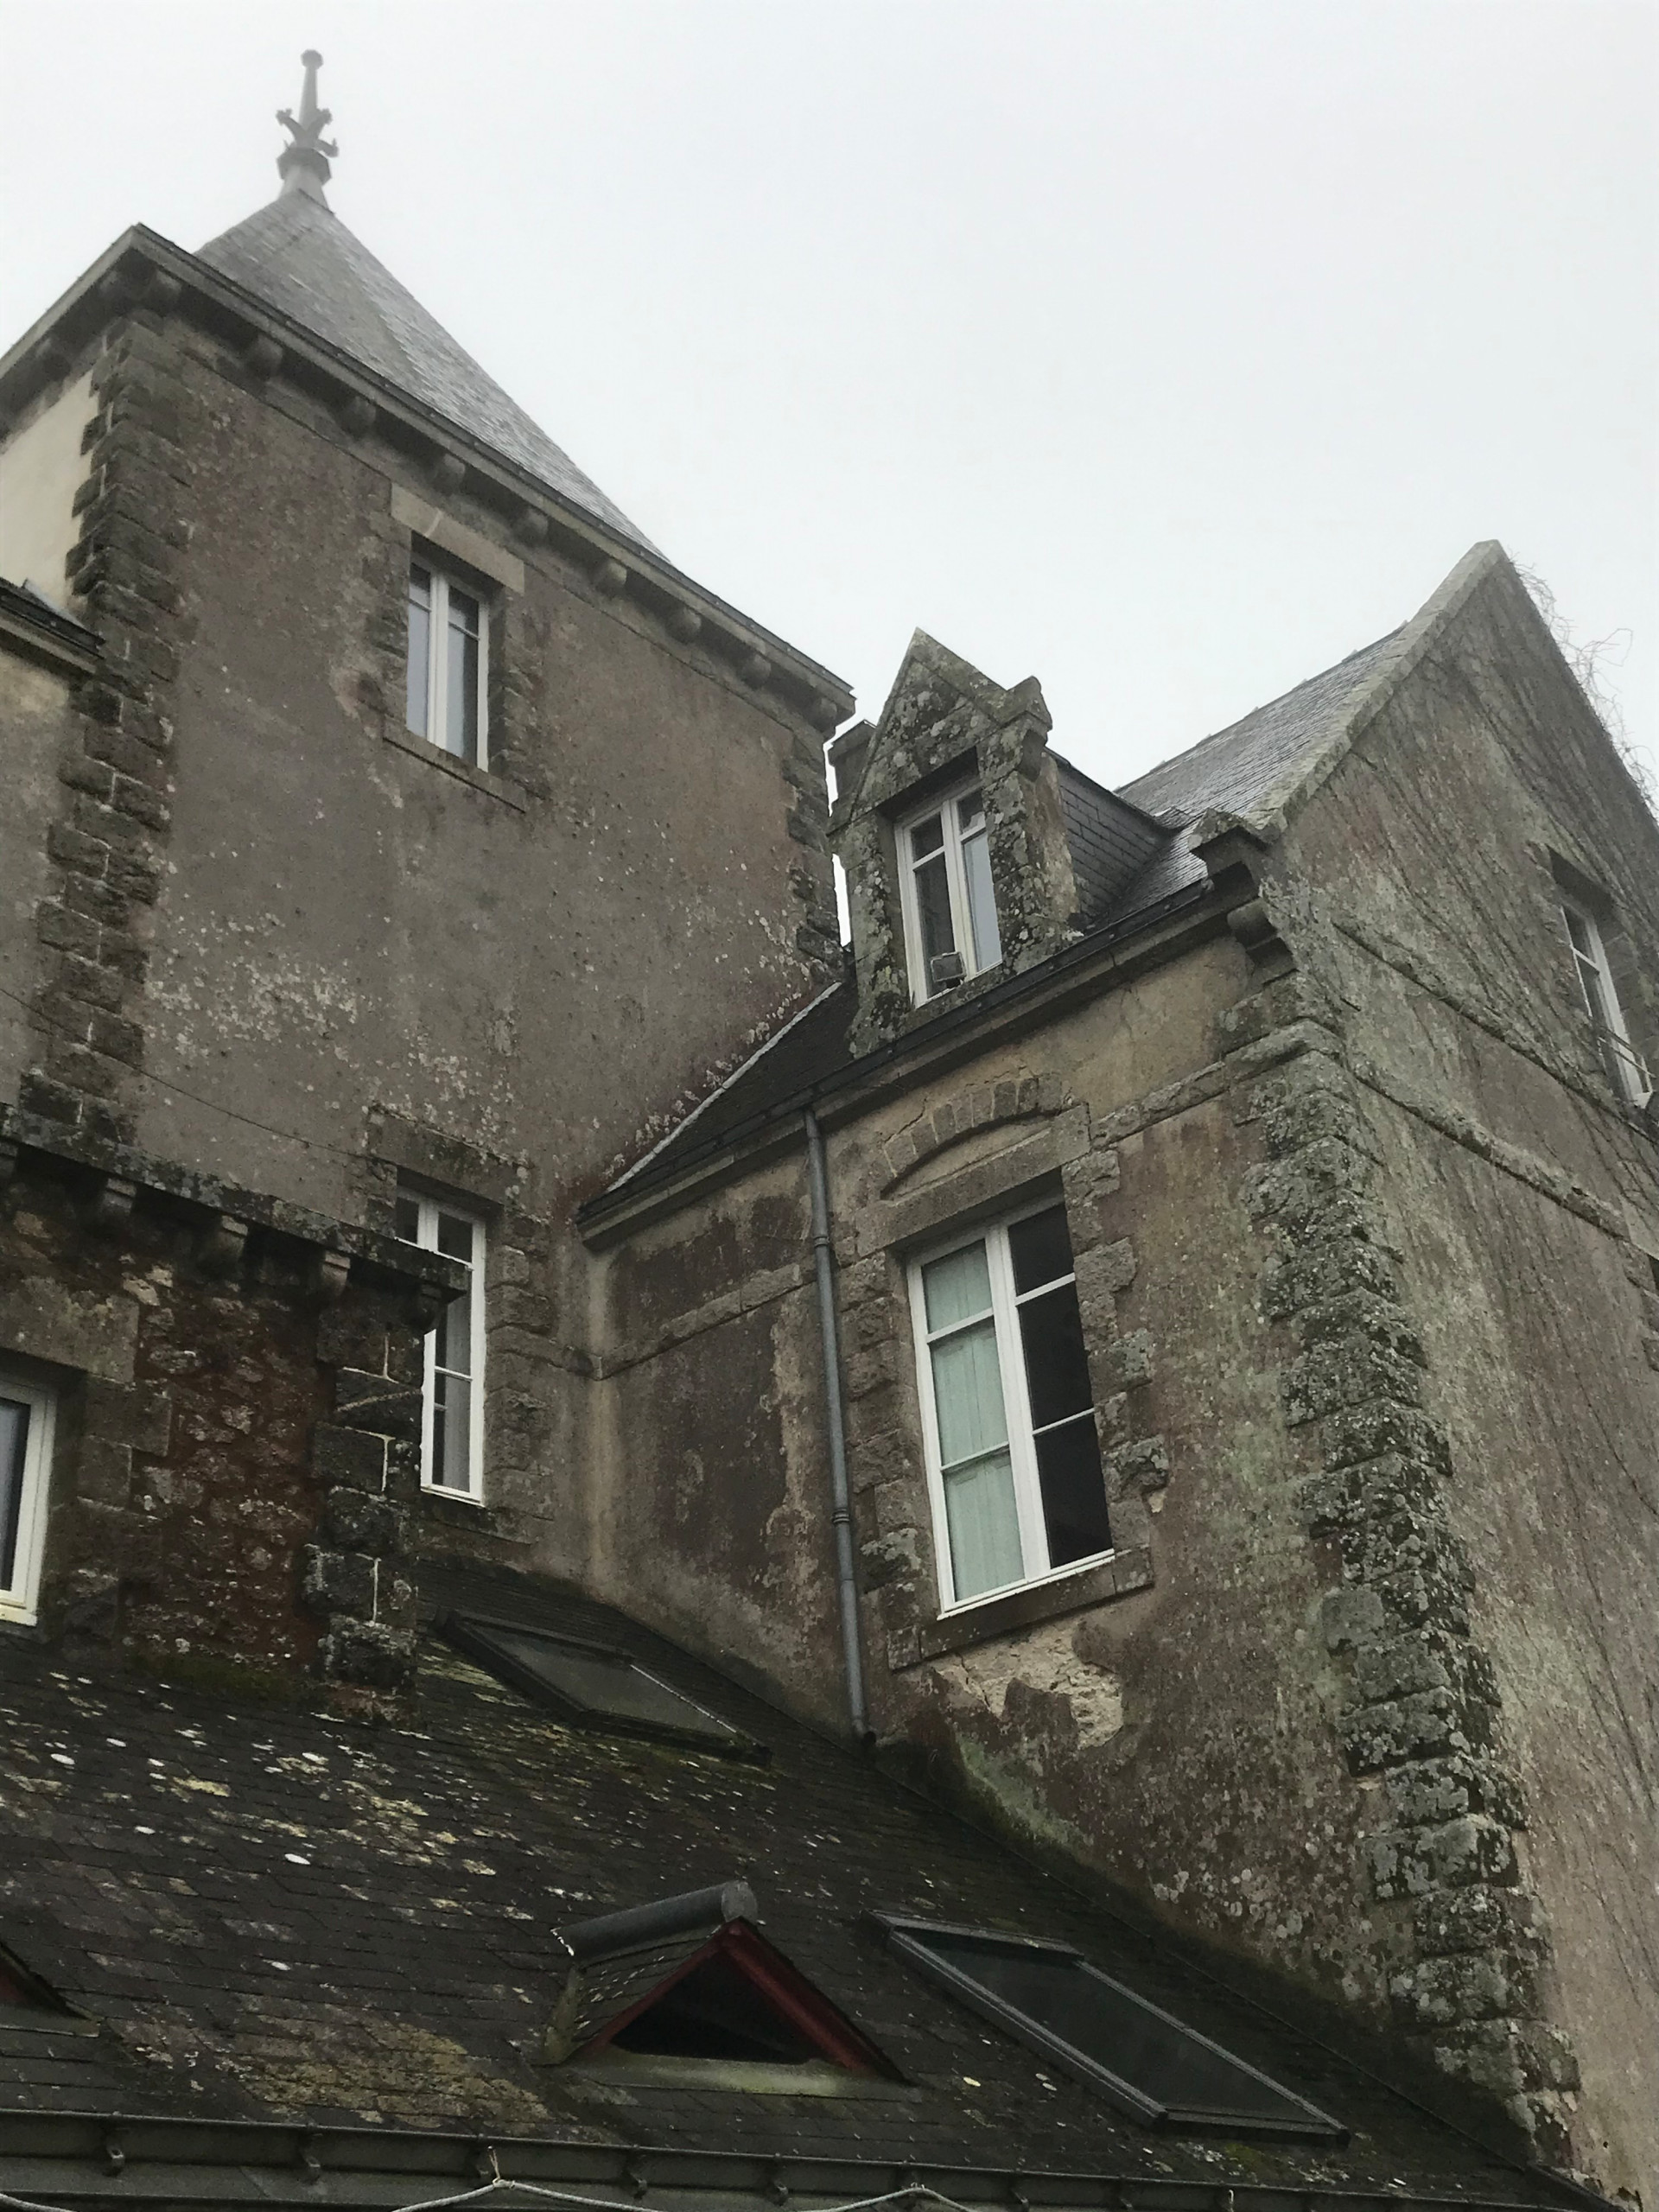 Rénovation de façade d'une maison ancienne au moyen d'enduits à la chaux